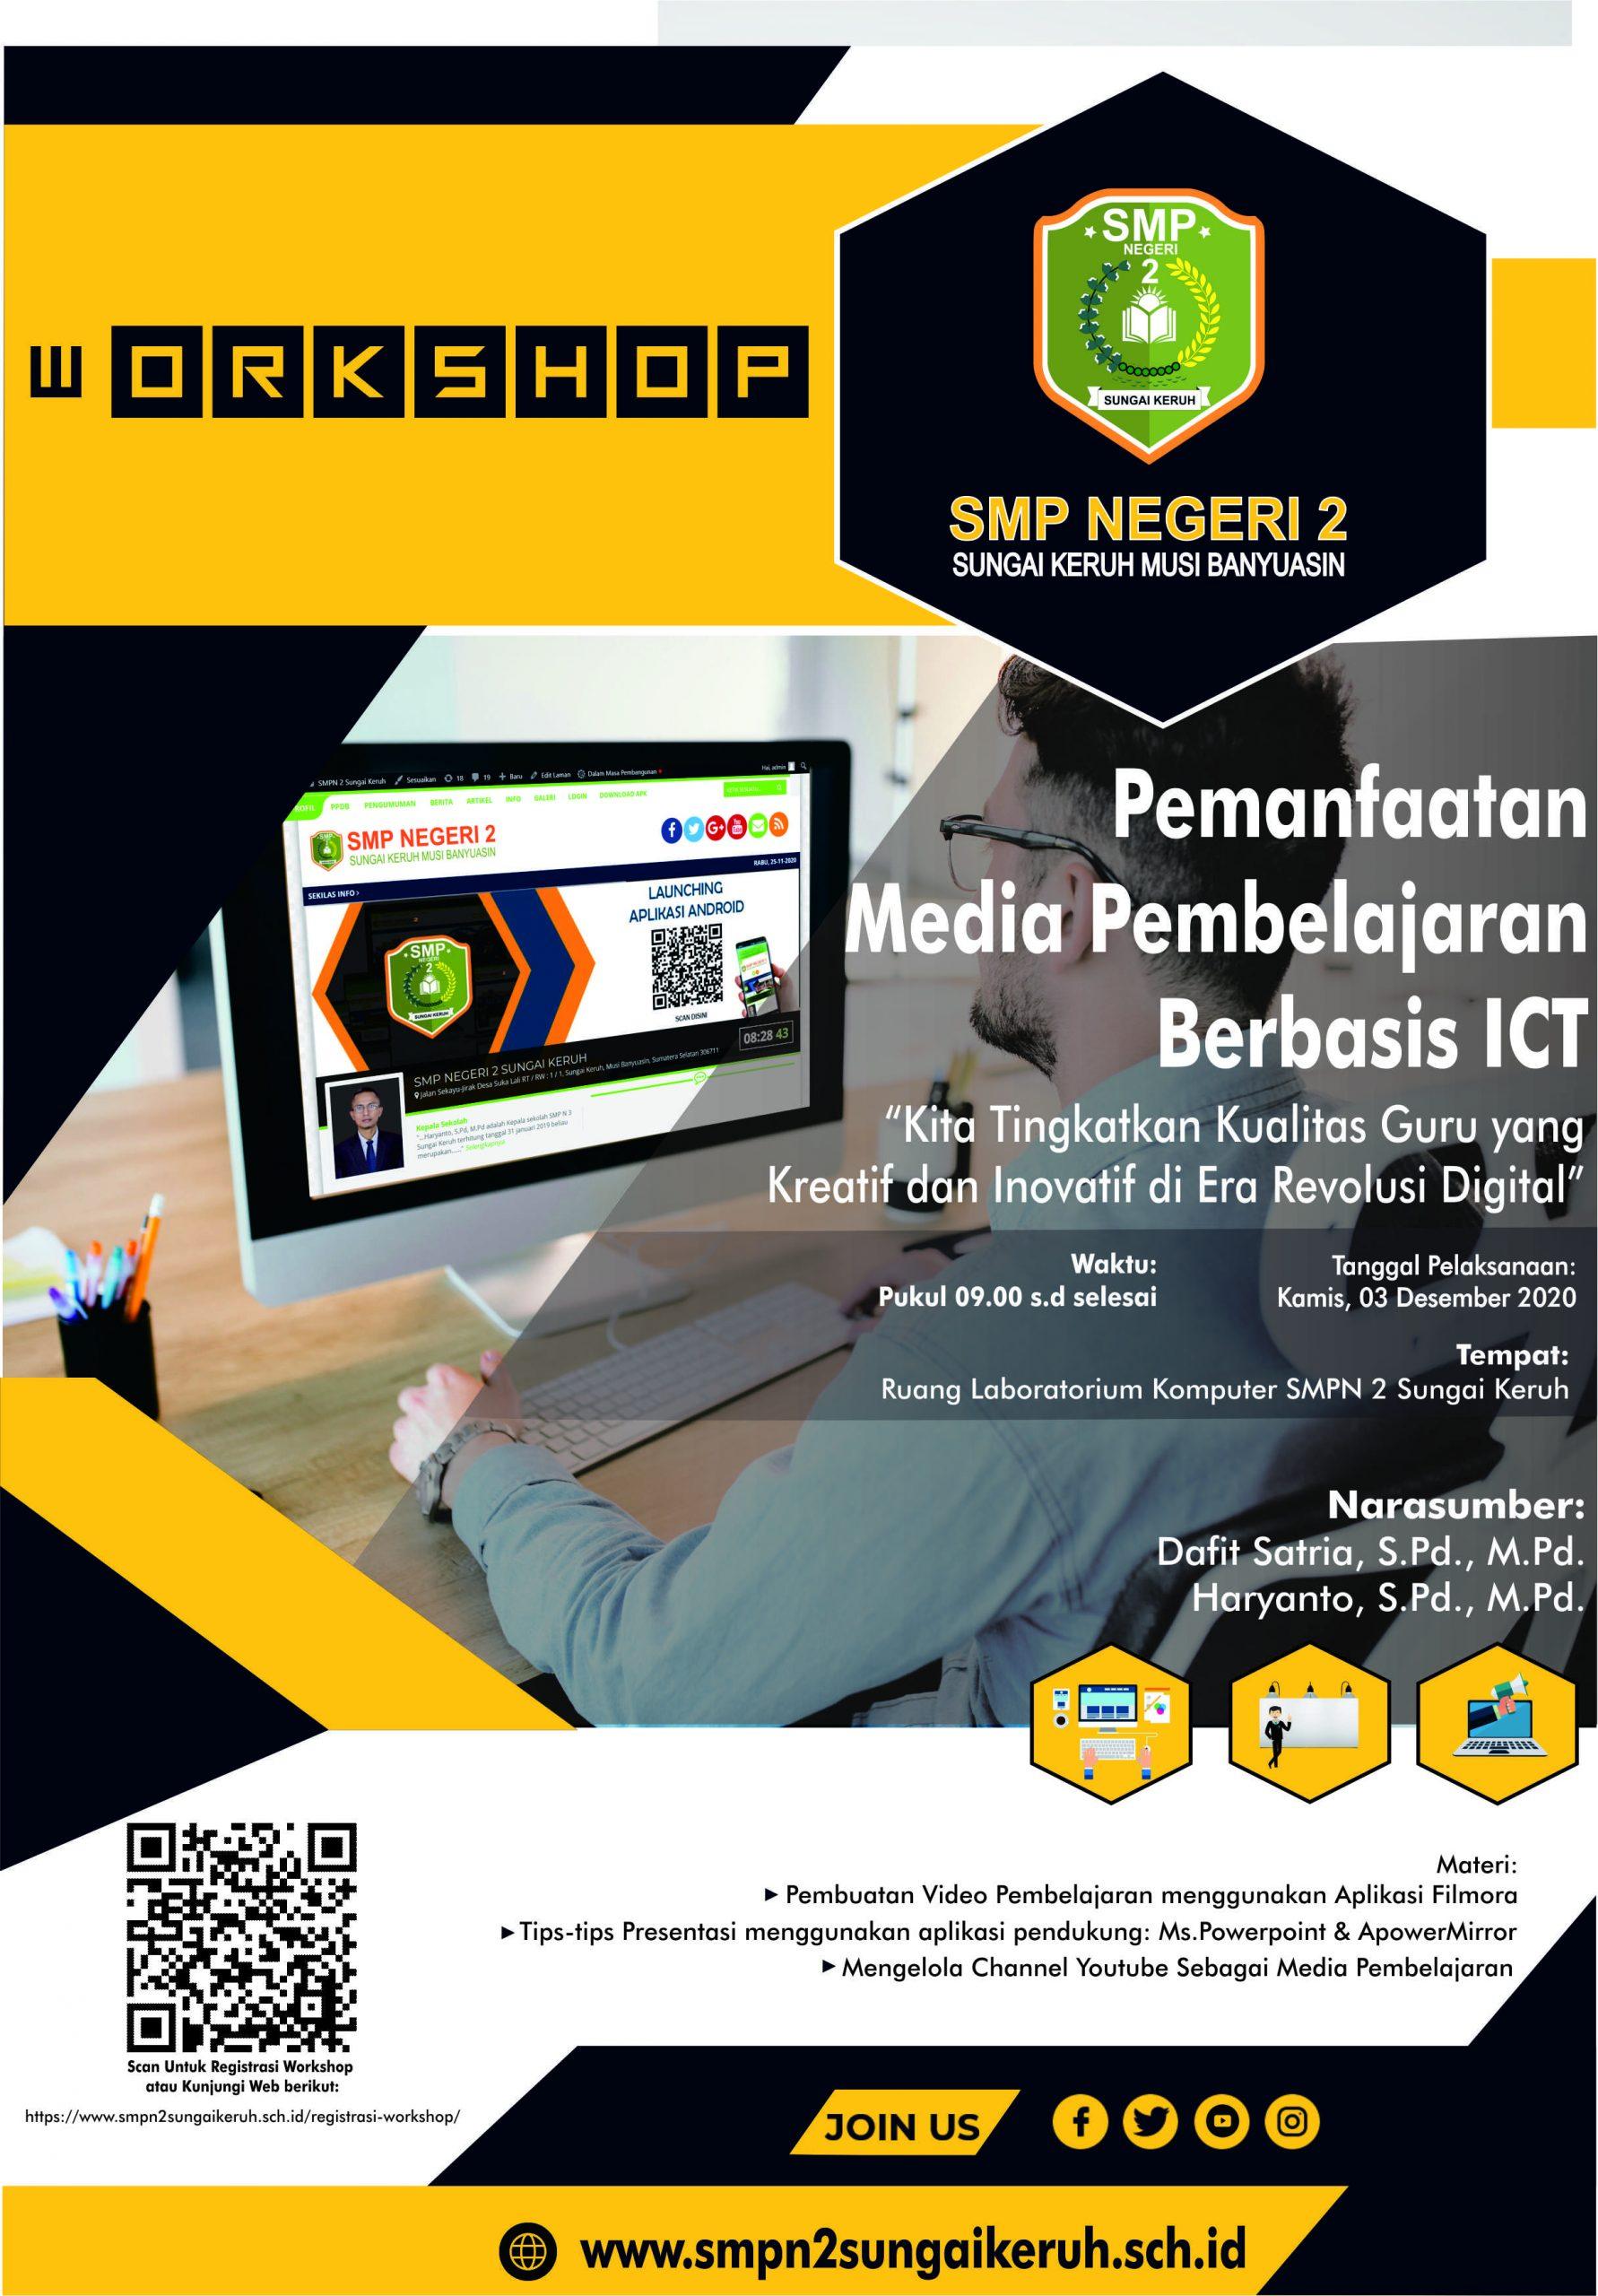 Workshop Pemanfaatan Media Pembelajaran Berbasis ICT